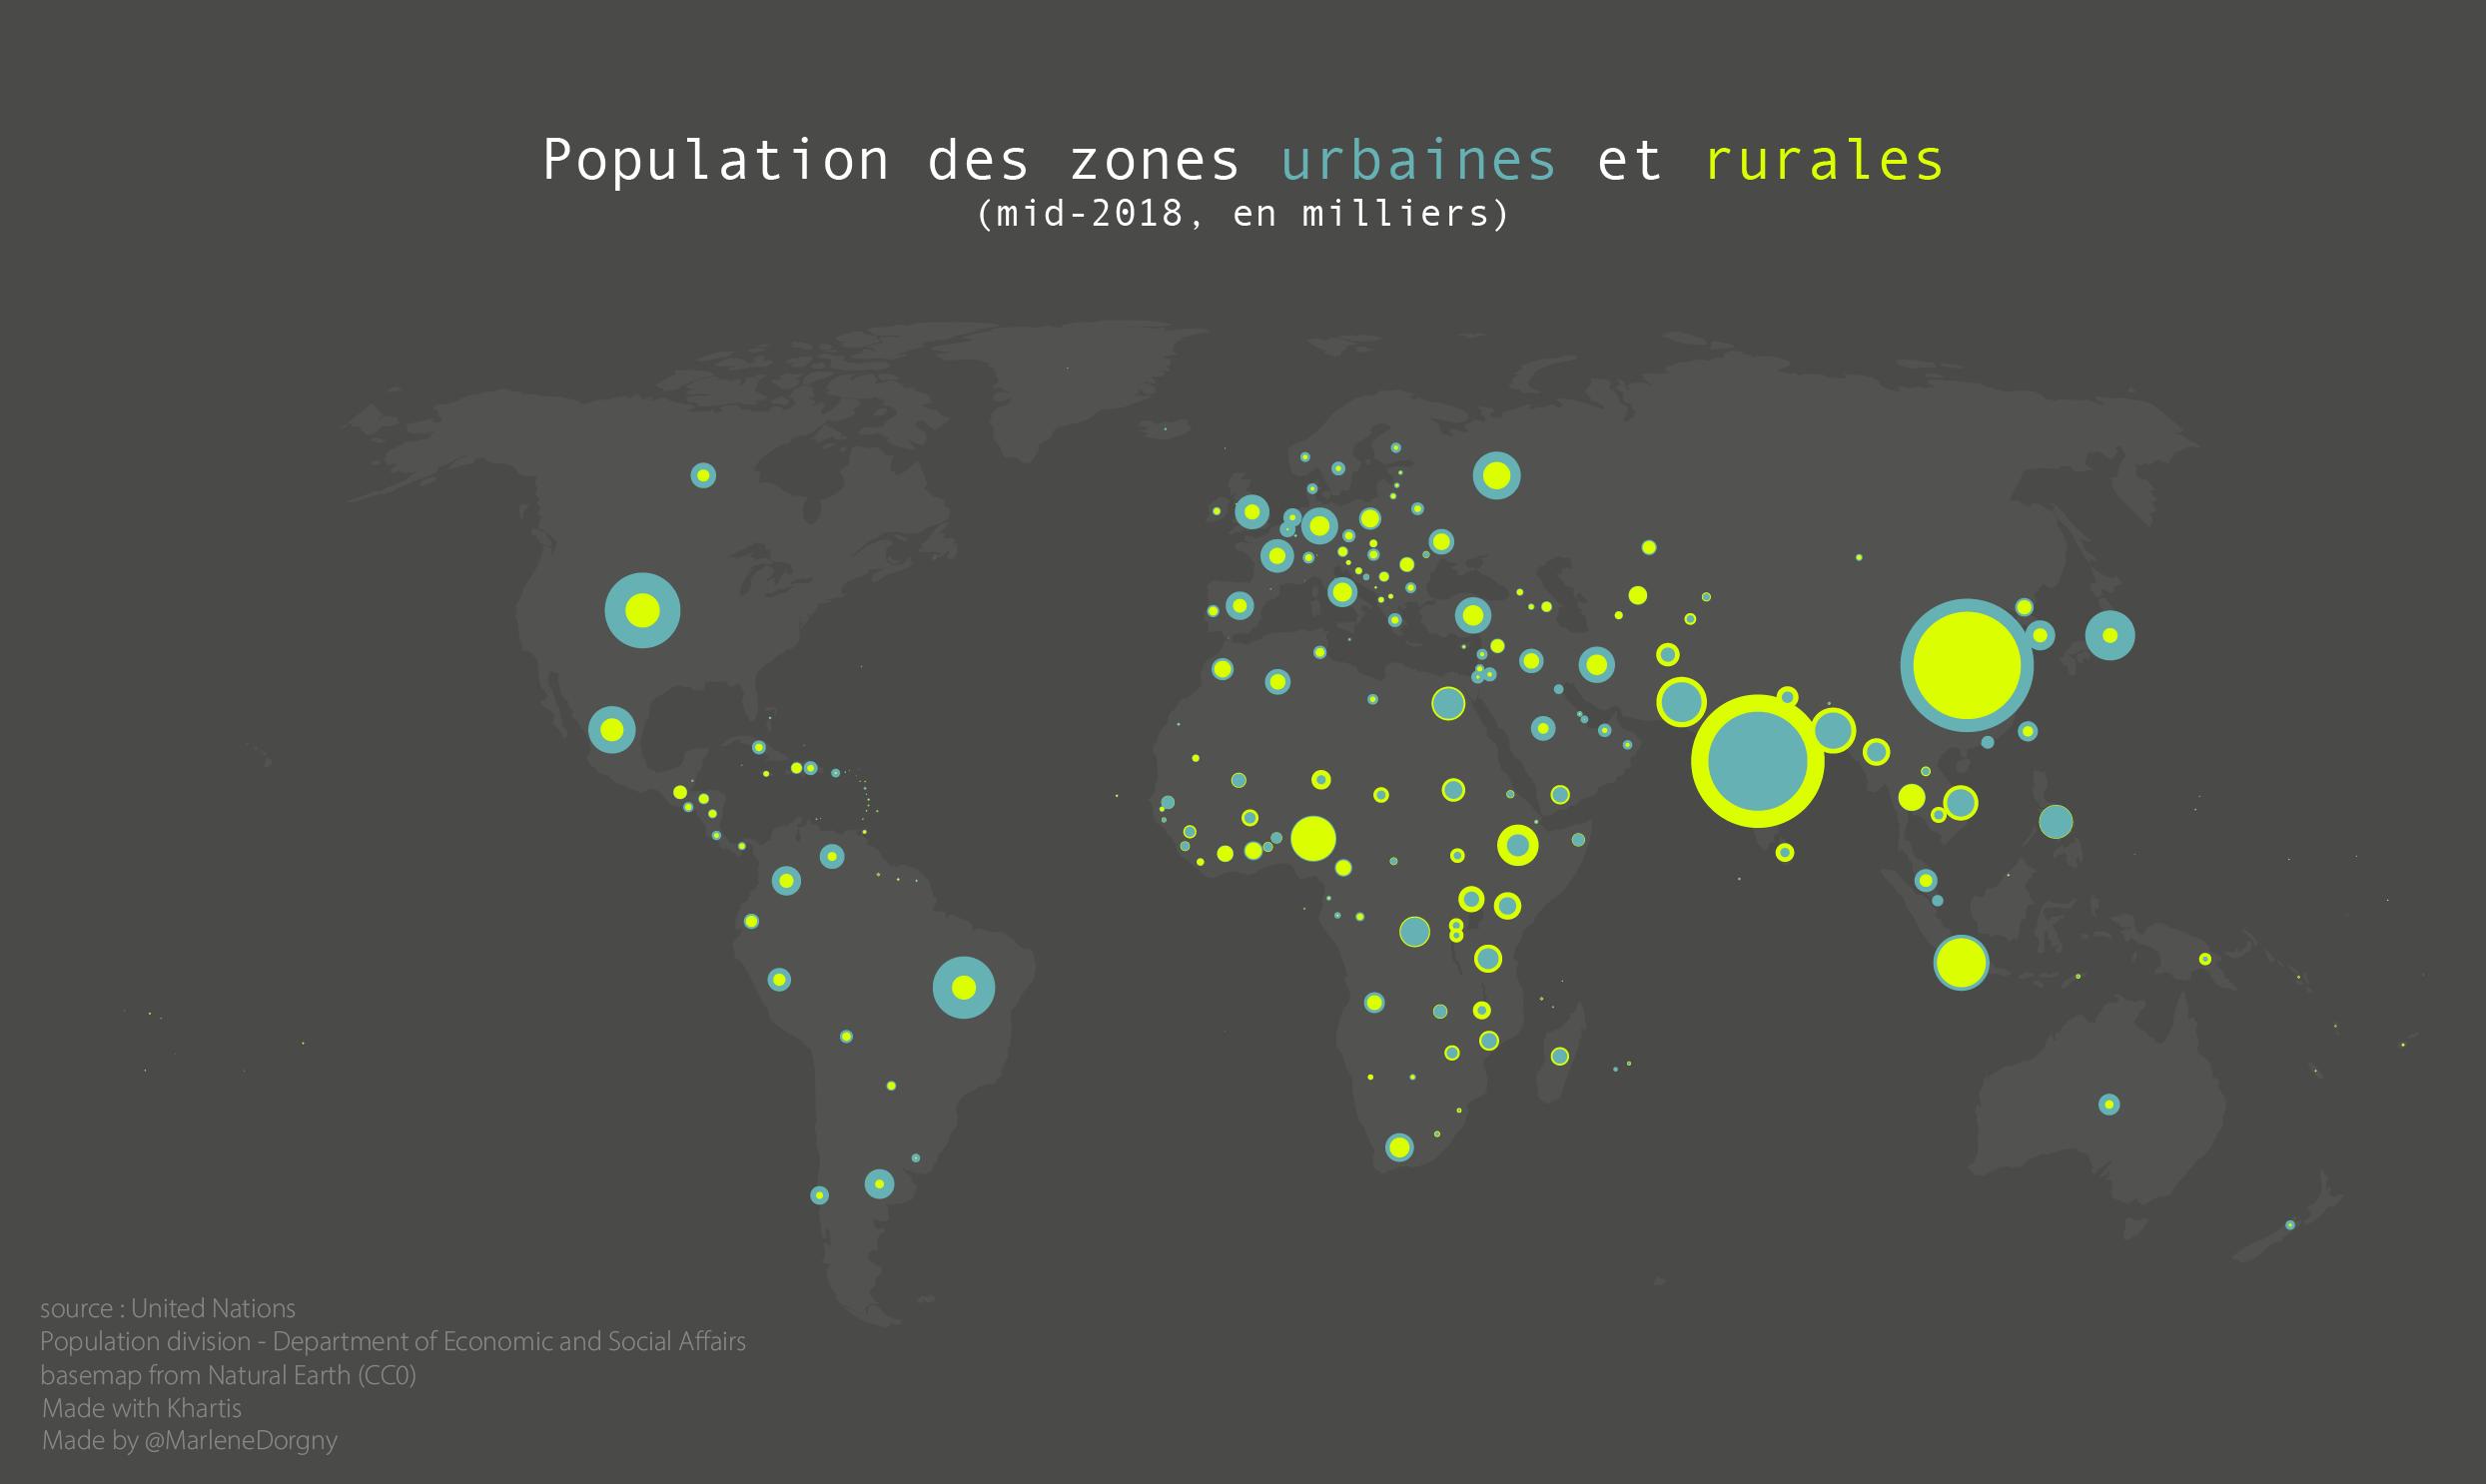 Cartographie de la répartition de la population rurale urbaine dans le monde